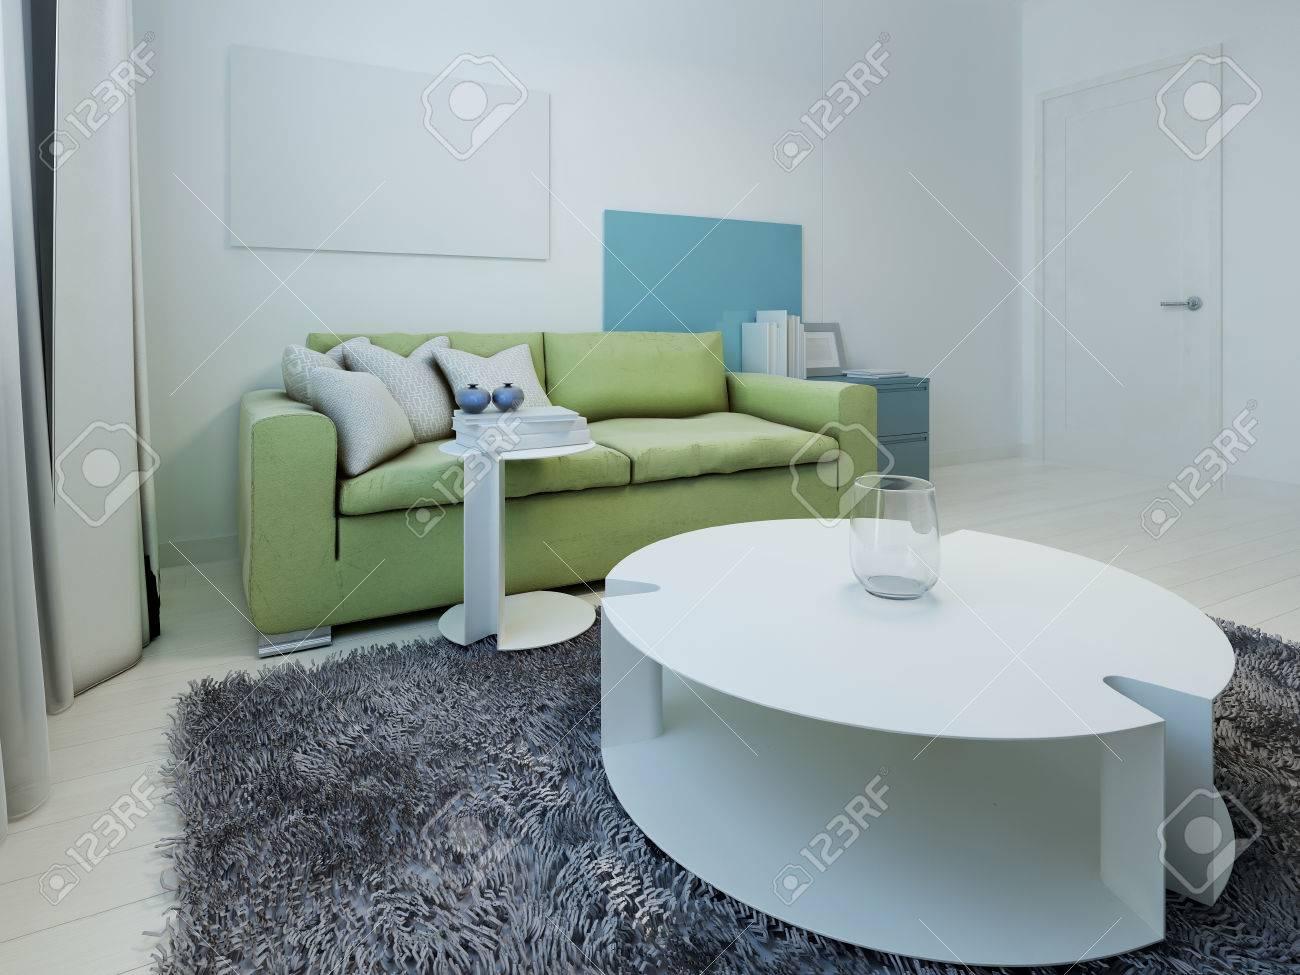 Soggiorno moderno blu : soggiorno angolo cottura piccolo ...